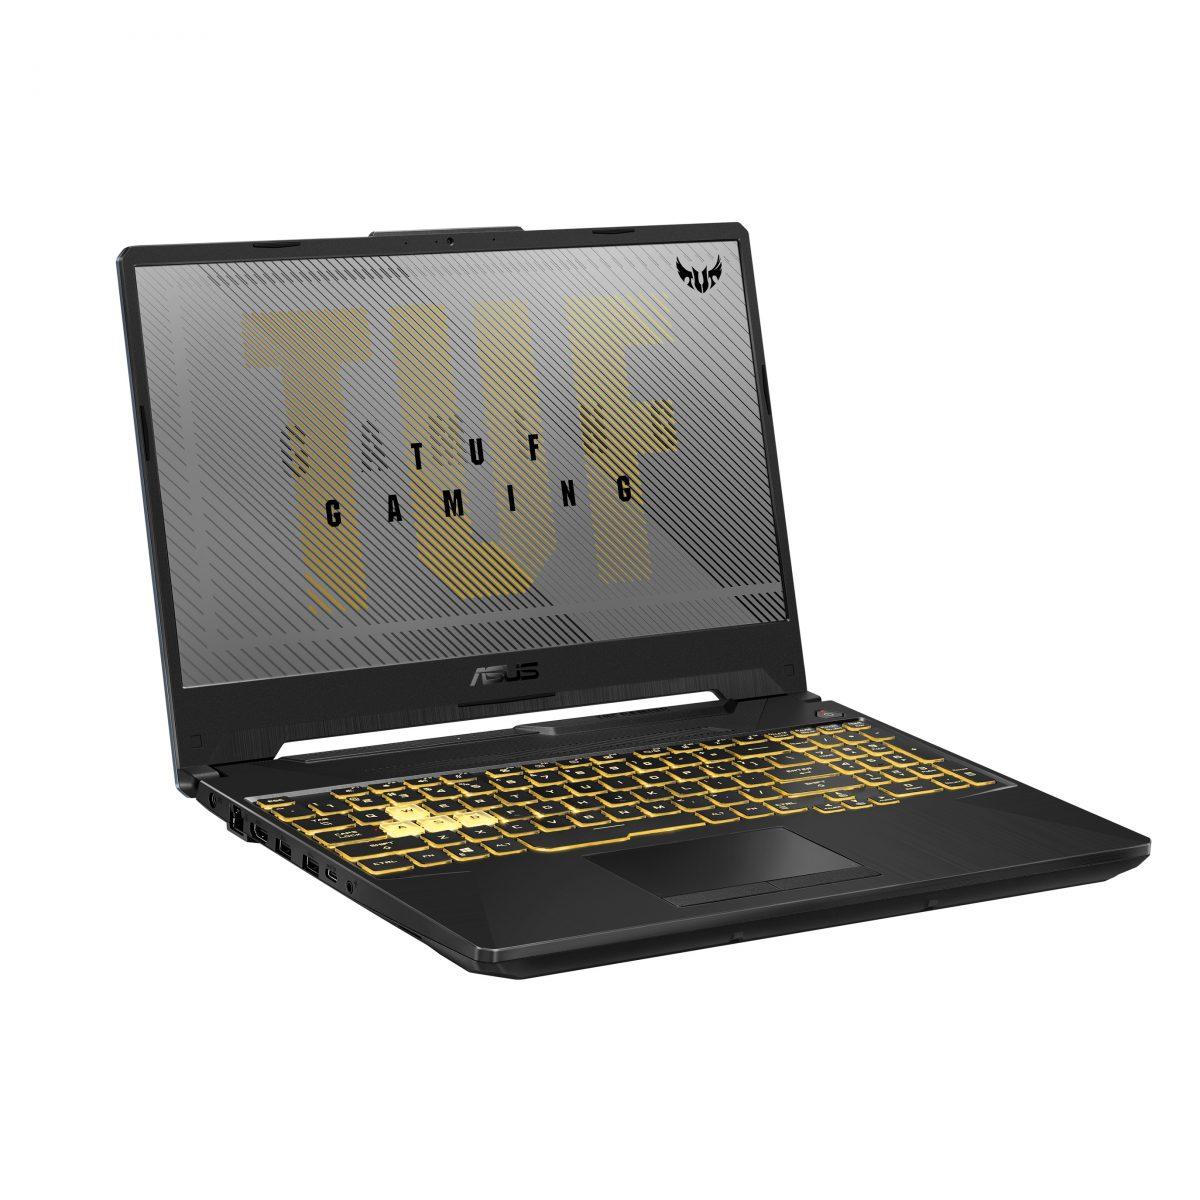 ASUS привезла в Россию новые недорогие игровые ноутбуки